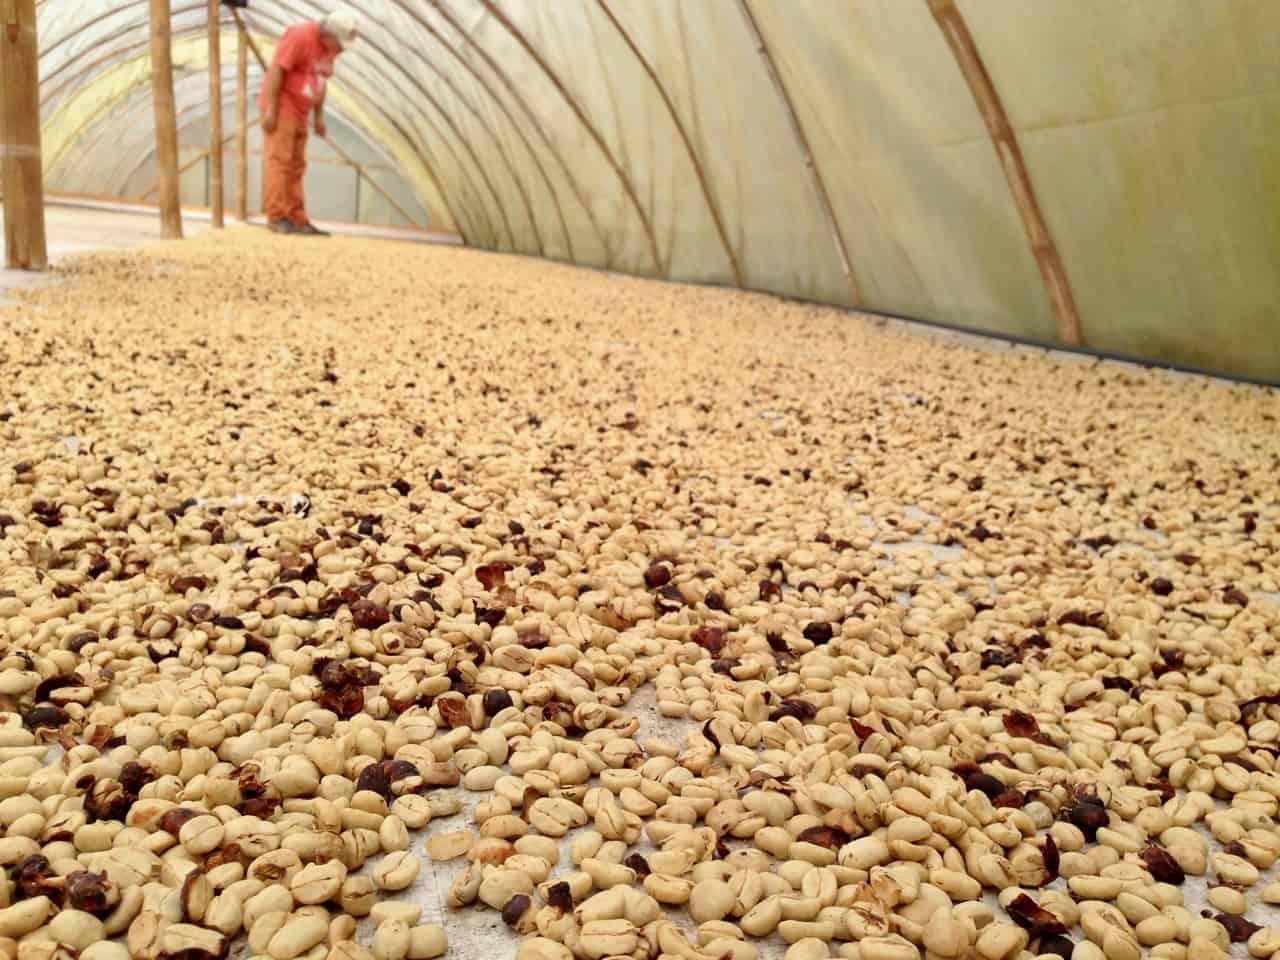 Der Kaffee wird mit Sonnenwärme getrocknet (Bild: M. Schäfer, Textrakt)